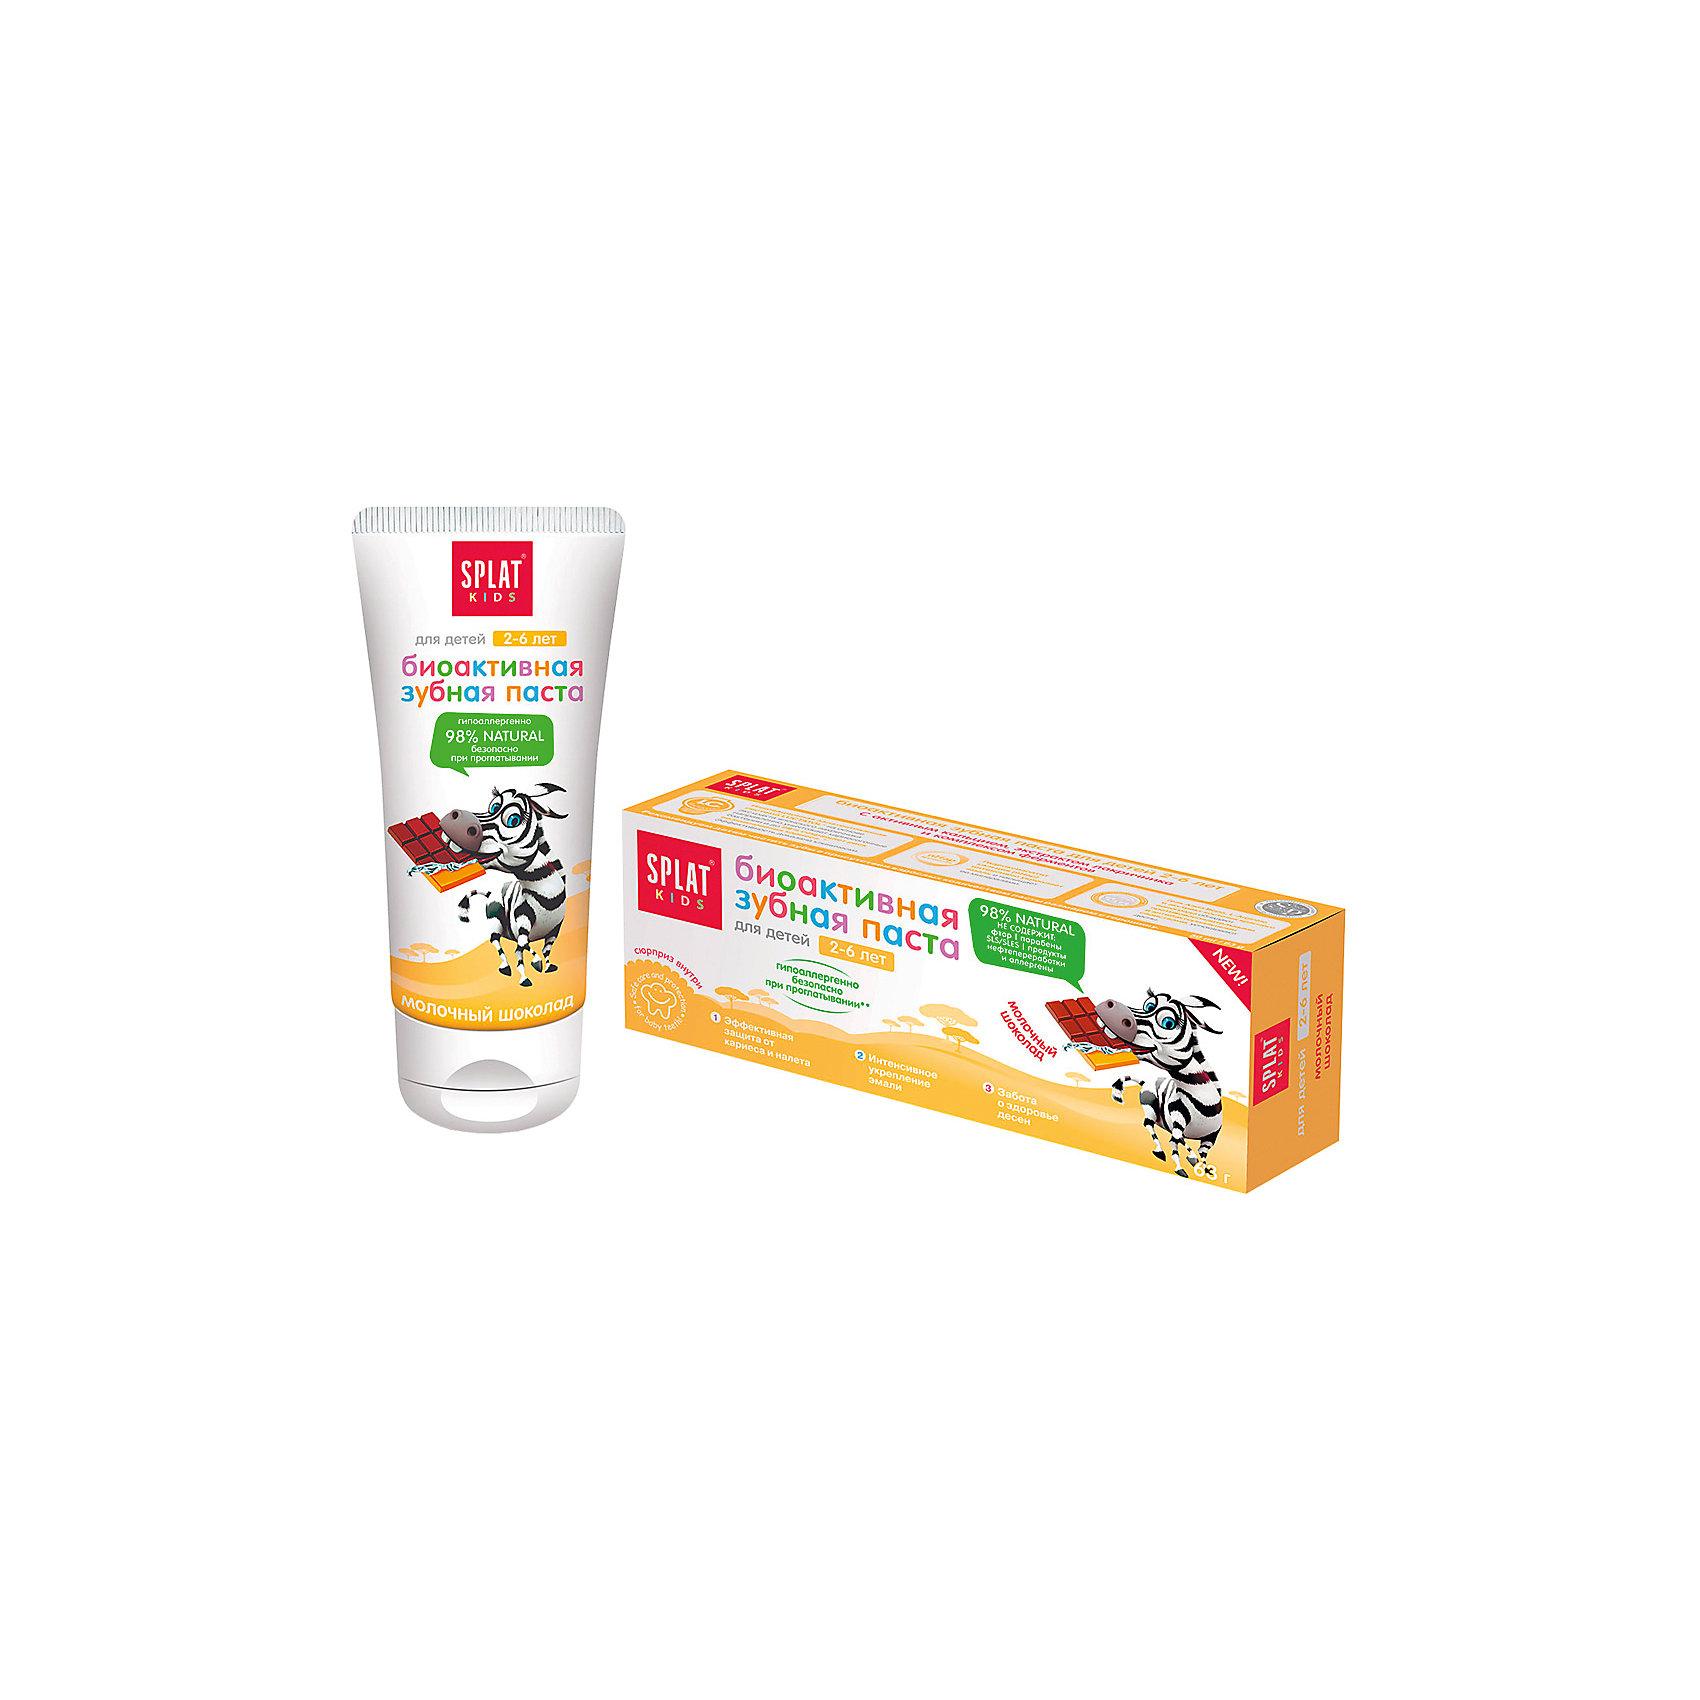 Натуральная зубная паста для детей от 2 до 6 лет, Splat Kids, молочный шоколадЗубные пасты<br>Эффективная, натуральная и безопасная при проглатывании детская зубная паста для нежной защиты от кариеса и интенсивного укрепления эмали, заботы о здоровье десен. Помогает в игровой форме научить ребенка чистить зубы просто и весело.Инновационная, защищенная патентом система LUCTATOL®, на основе экстракта лакричника и молочных ферментов уничтожает кариесогенные бактерии и блокирует их дальнейшее развитие.<br><br>Ширина мм: 140<br>Глубина мм: 53<br>Высота мм: 40<br>Вес г: 83<br>Возраст от месяцев: 24<br>Возраст до месяцев: 72<br>Пол: Унисекс<br>Возраст: Детский<br>SKU: 4796726